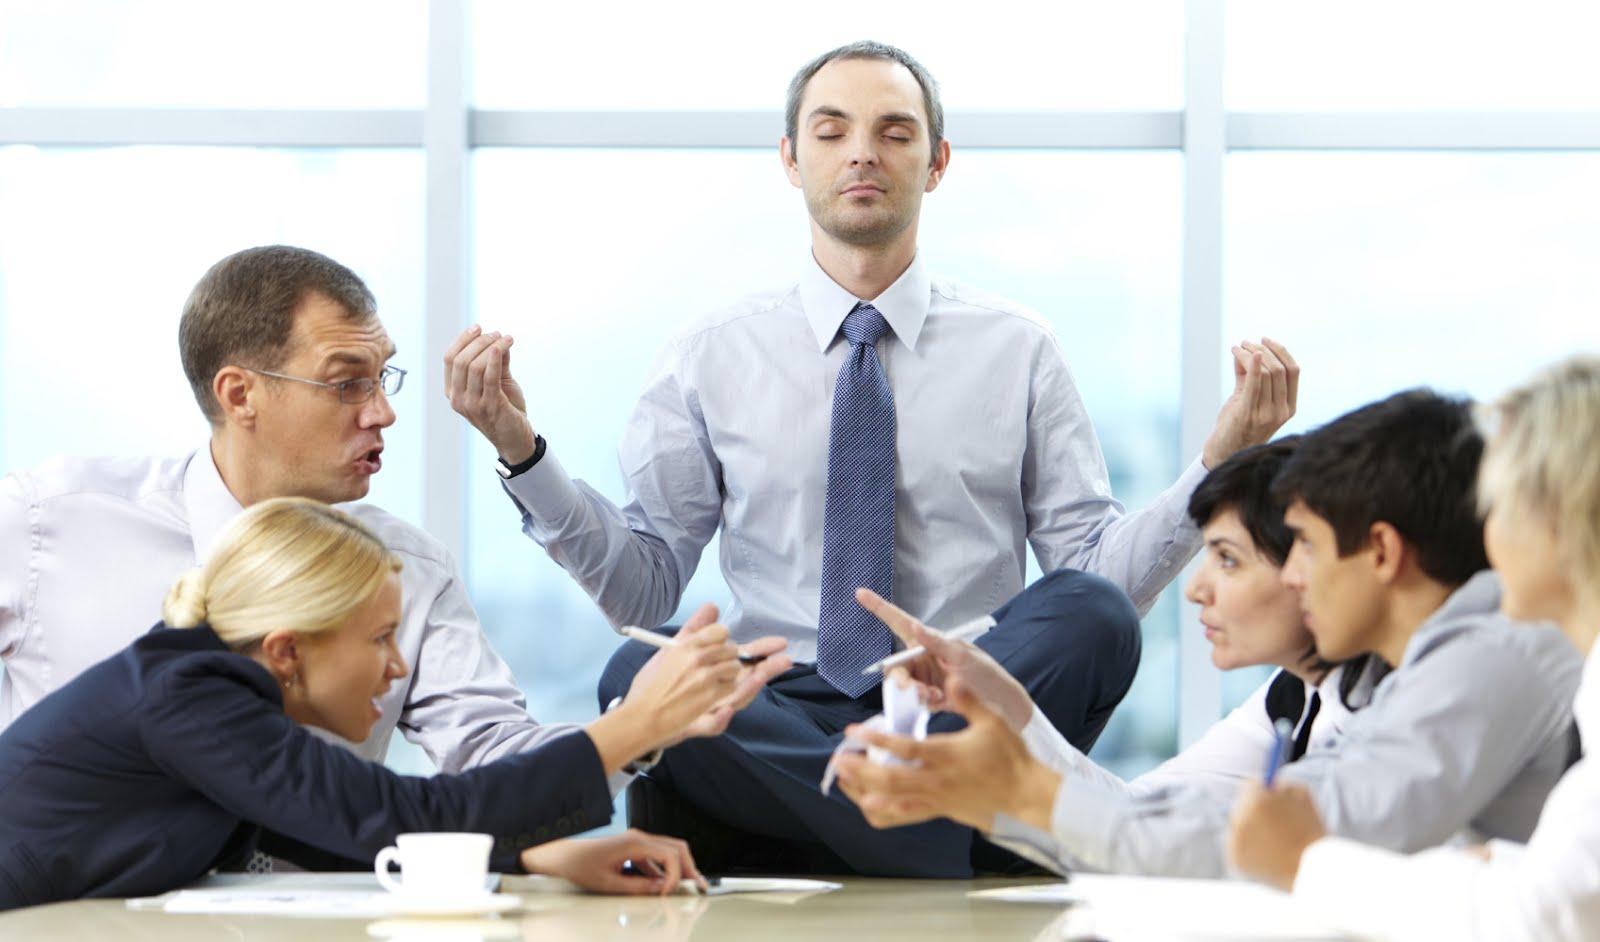 Trách nhiệm của các cấp quản trị